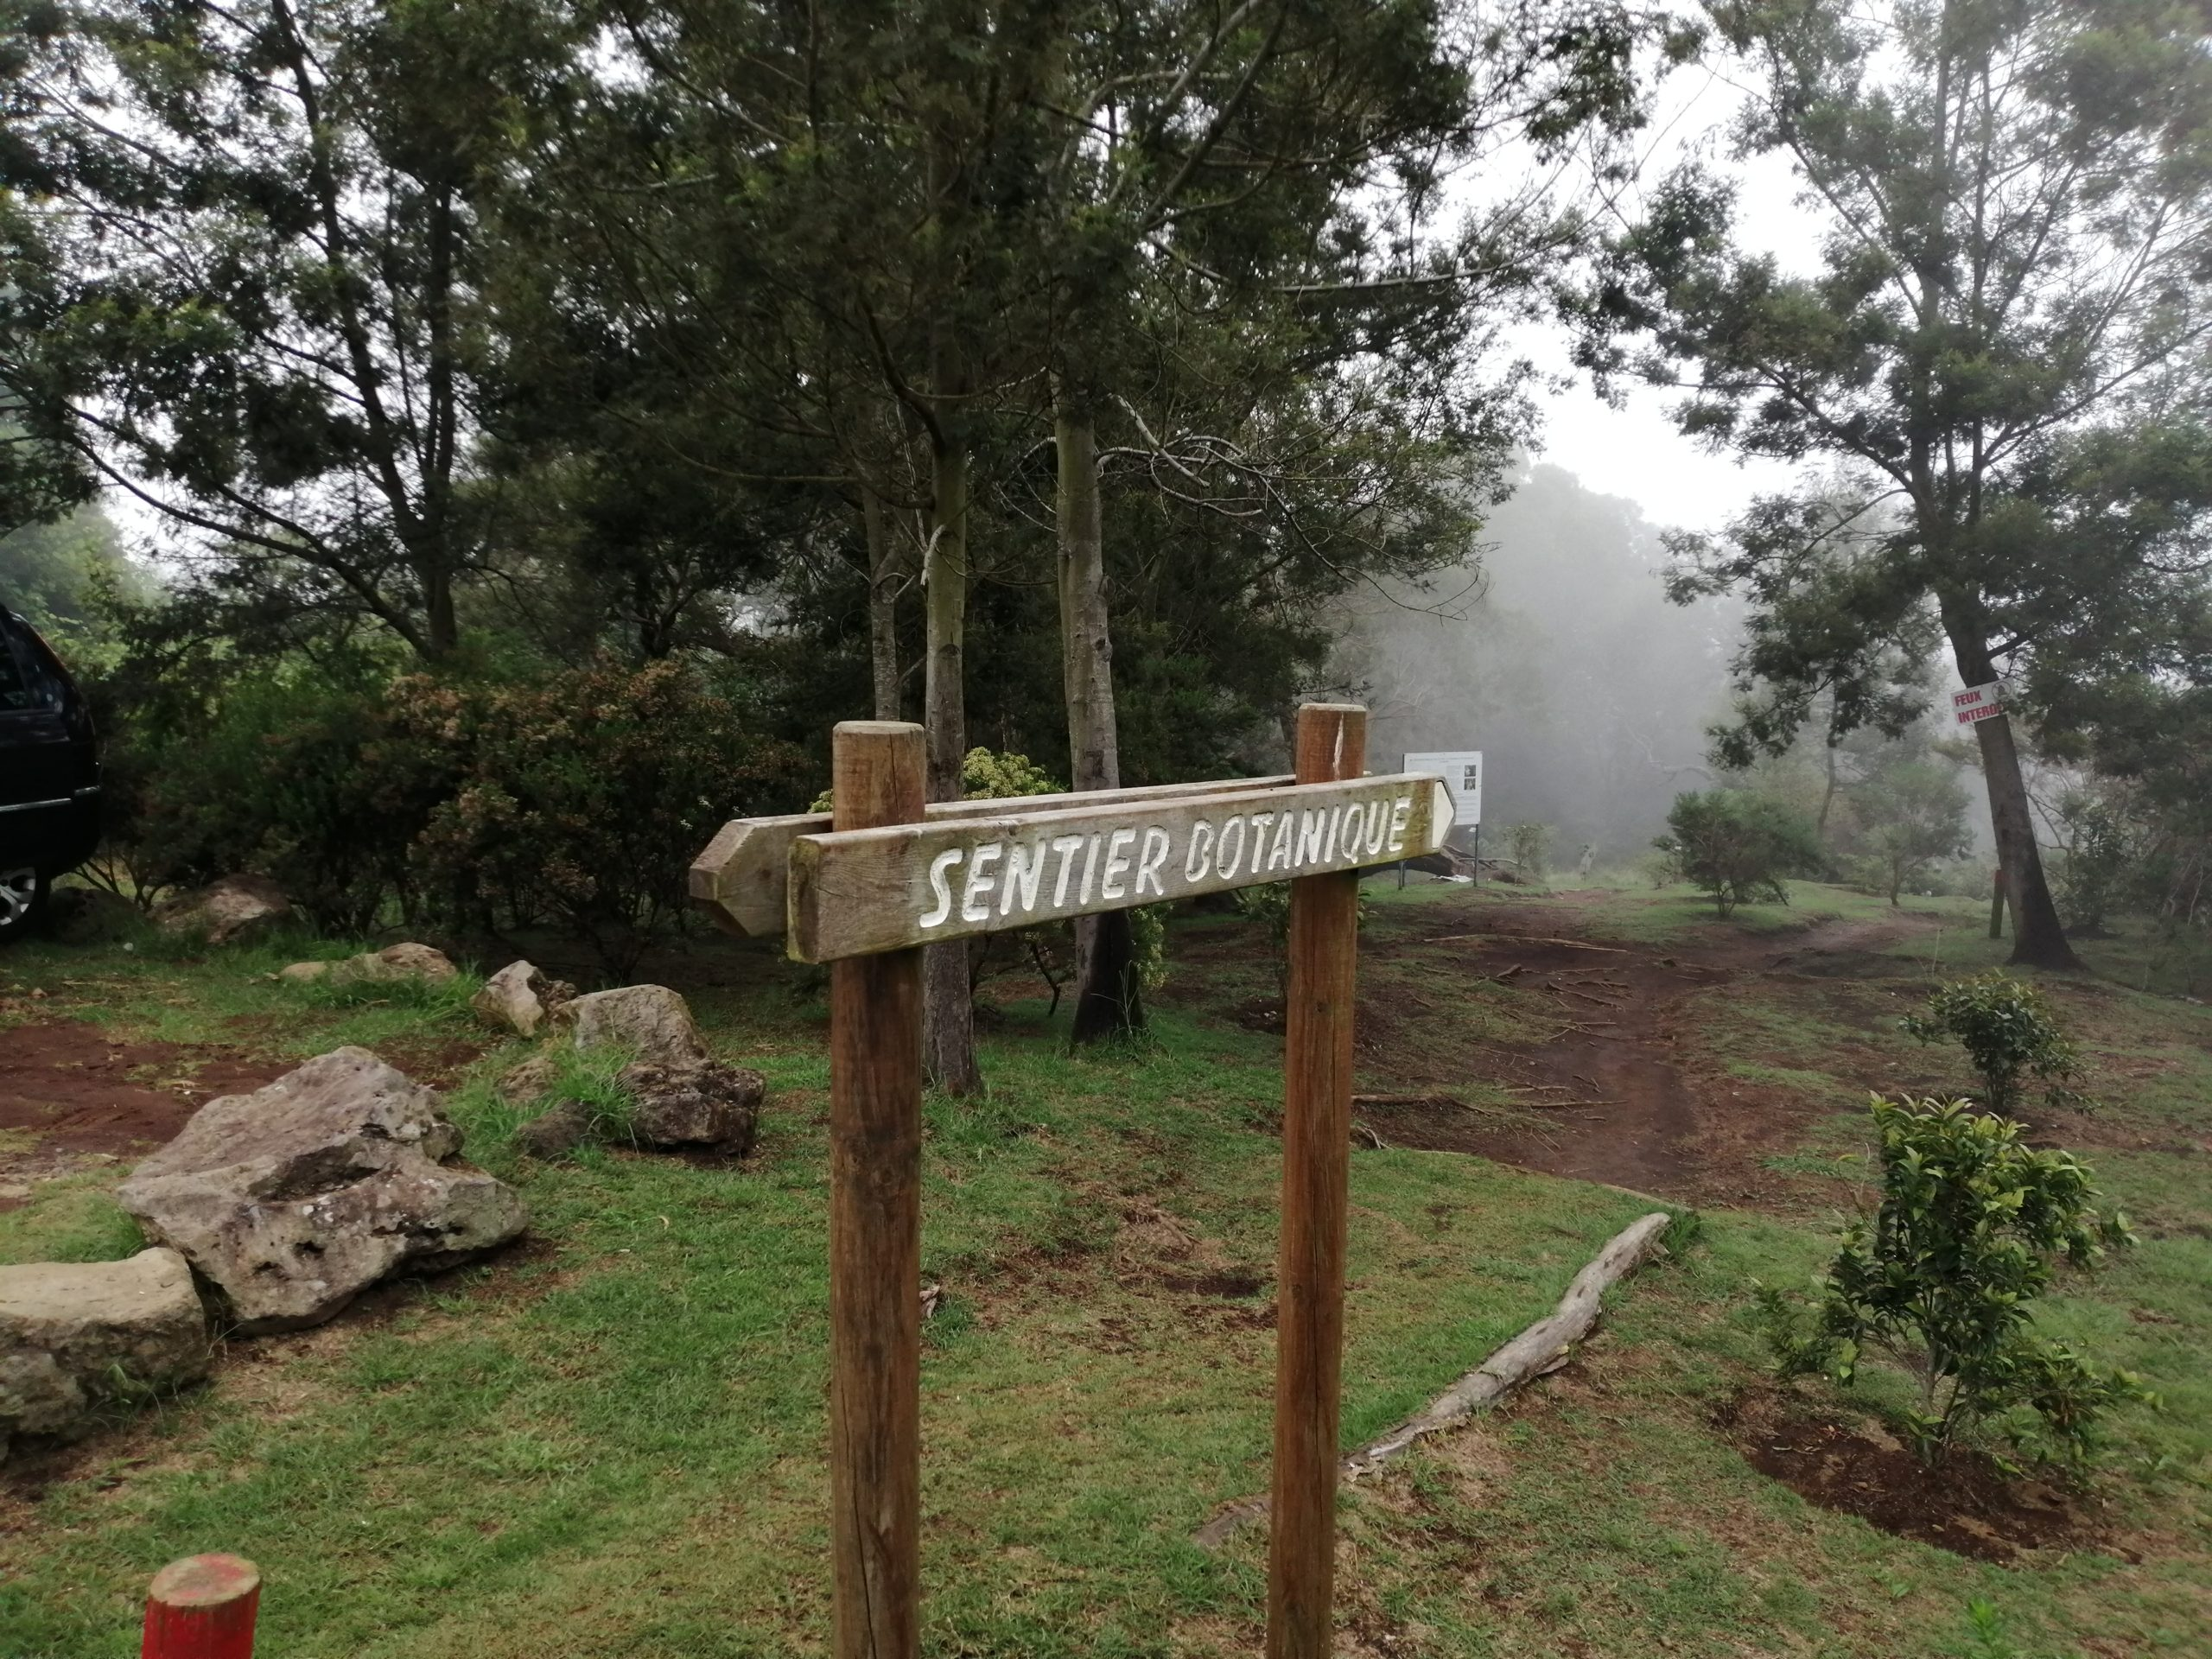 Début sentier botanique de la Ravine blanche - le départ